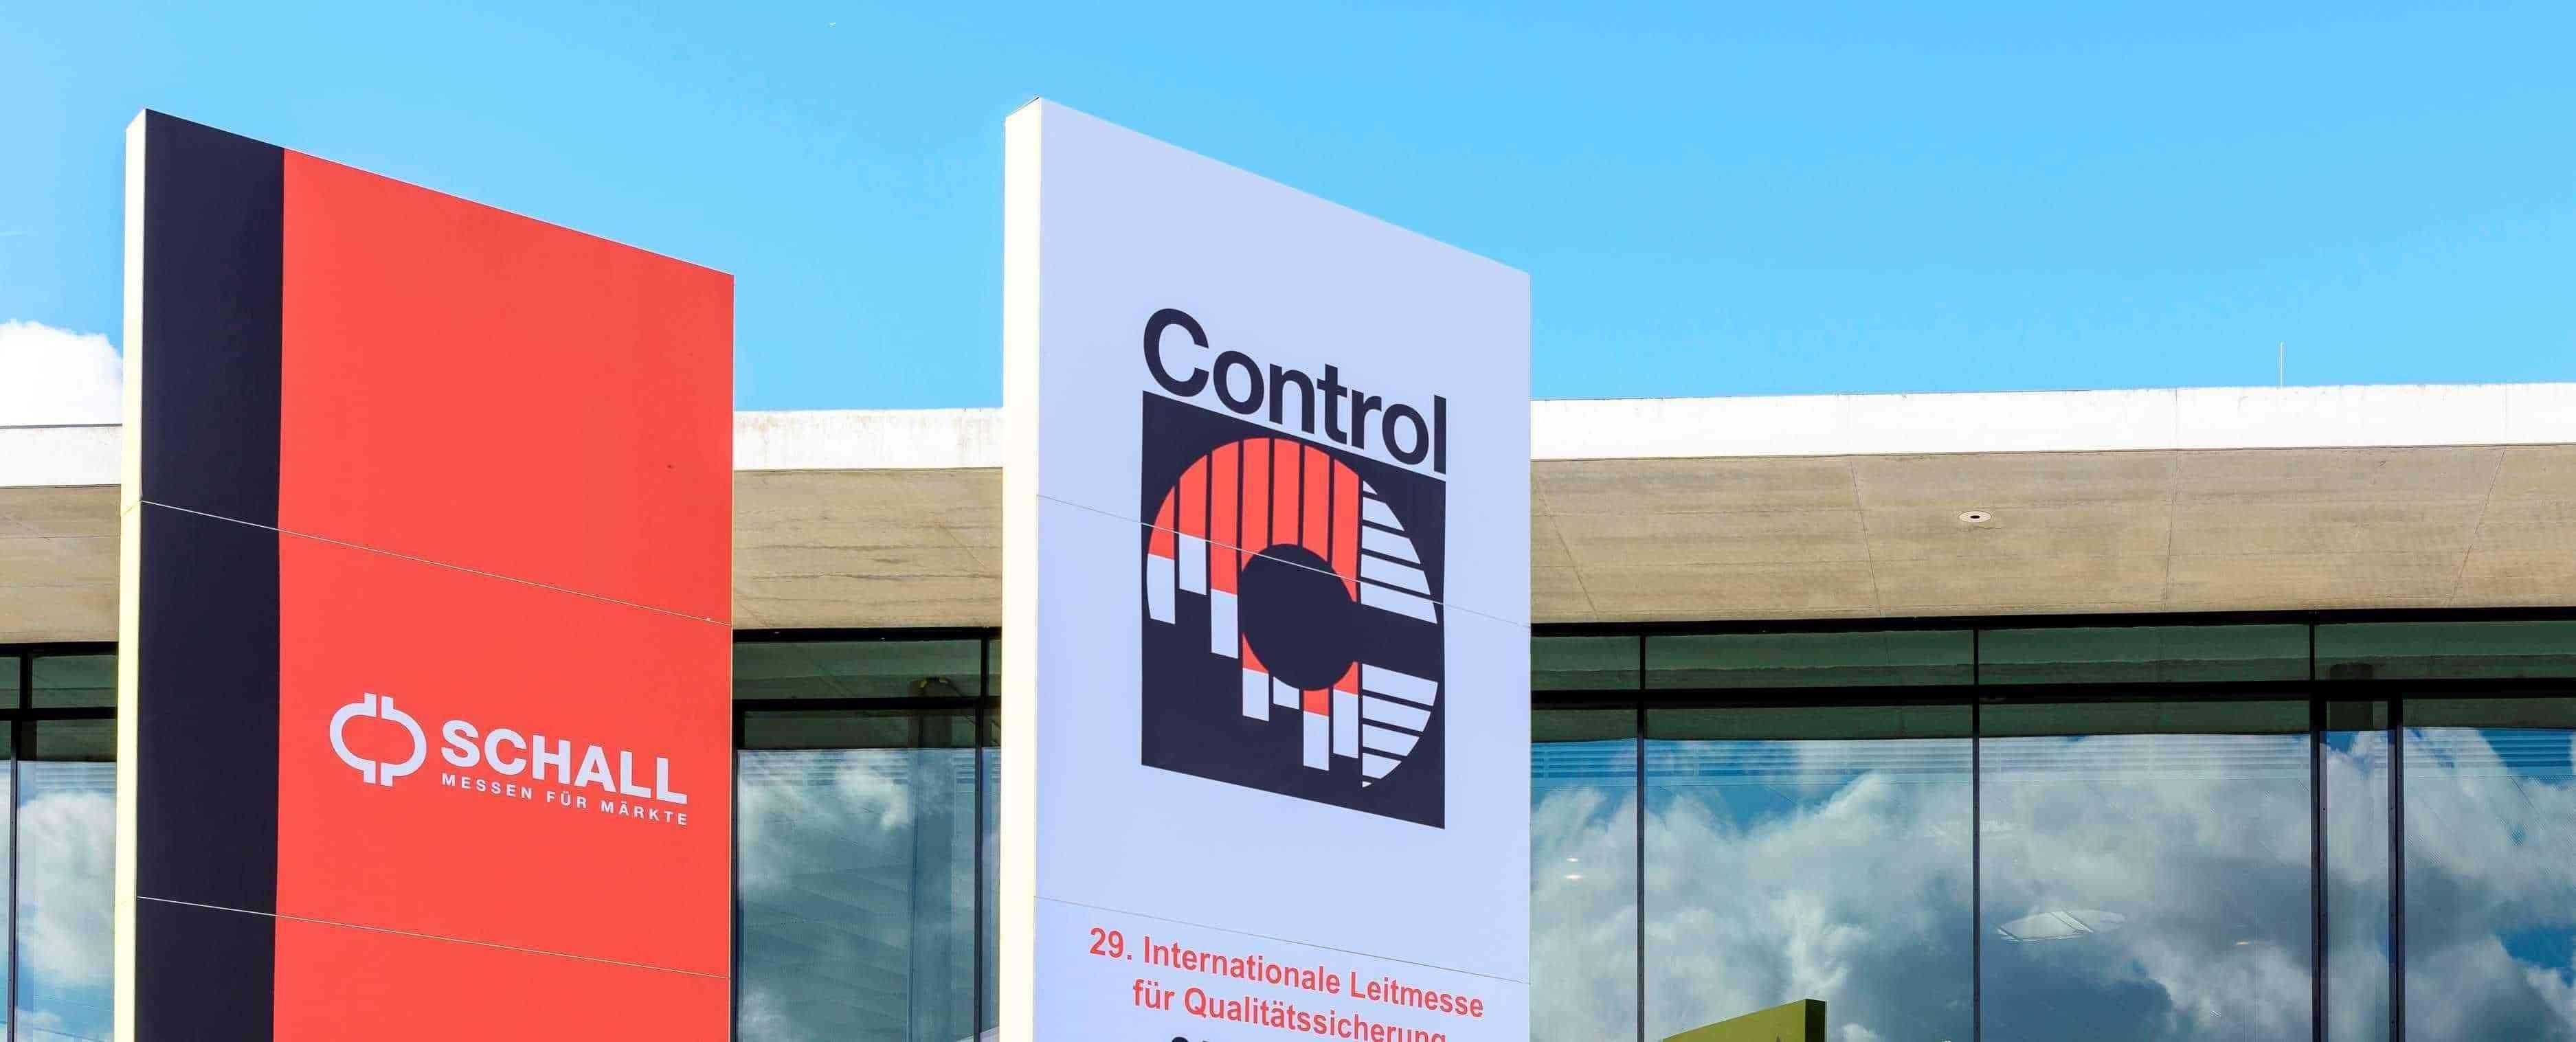 control aussen 022